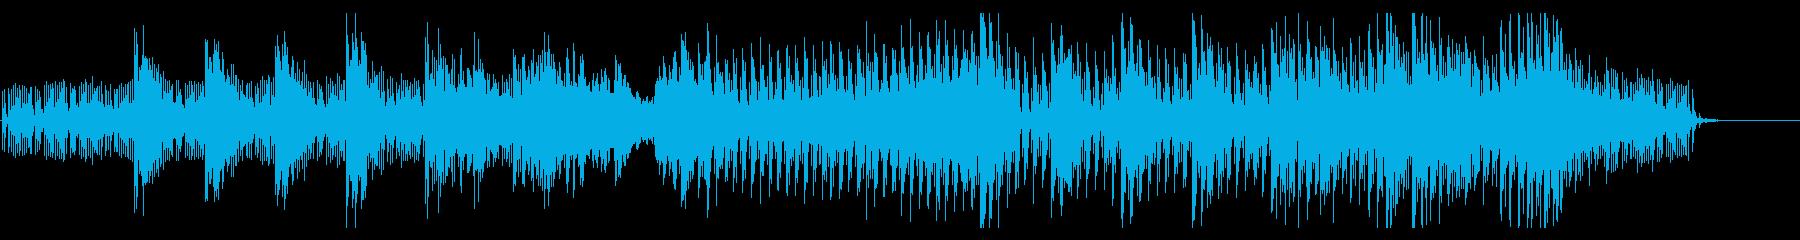 泡の立ち上る藍色の暗い海中に鼓動が加わるの再生済みの波形